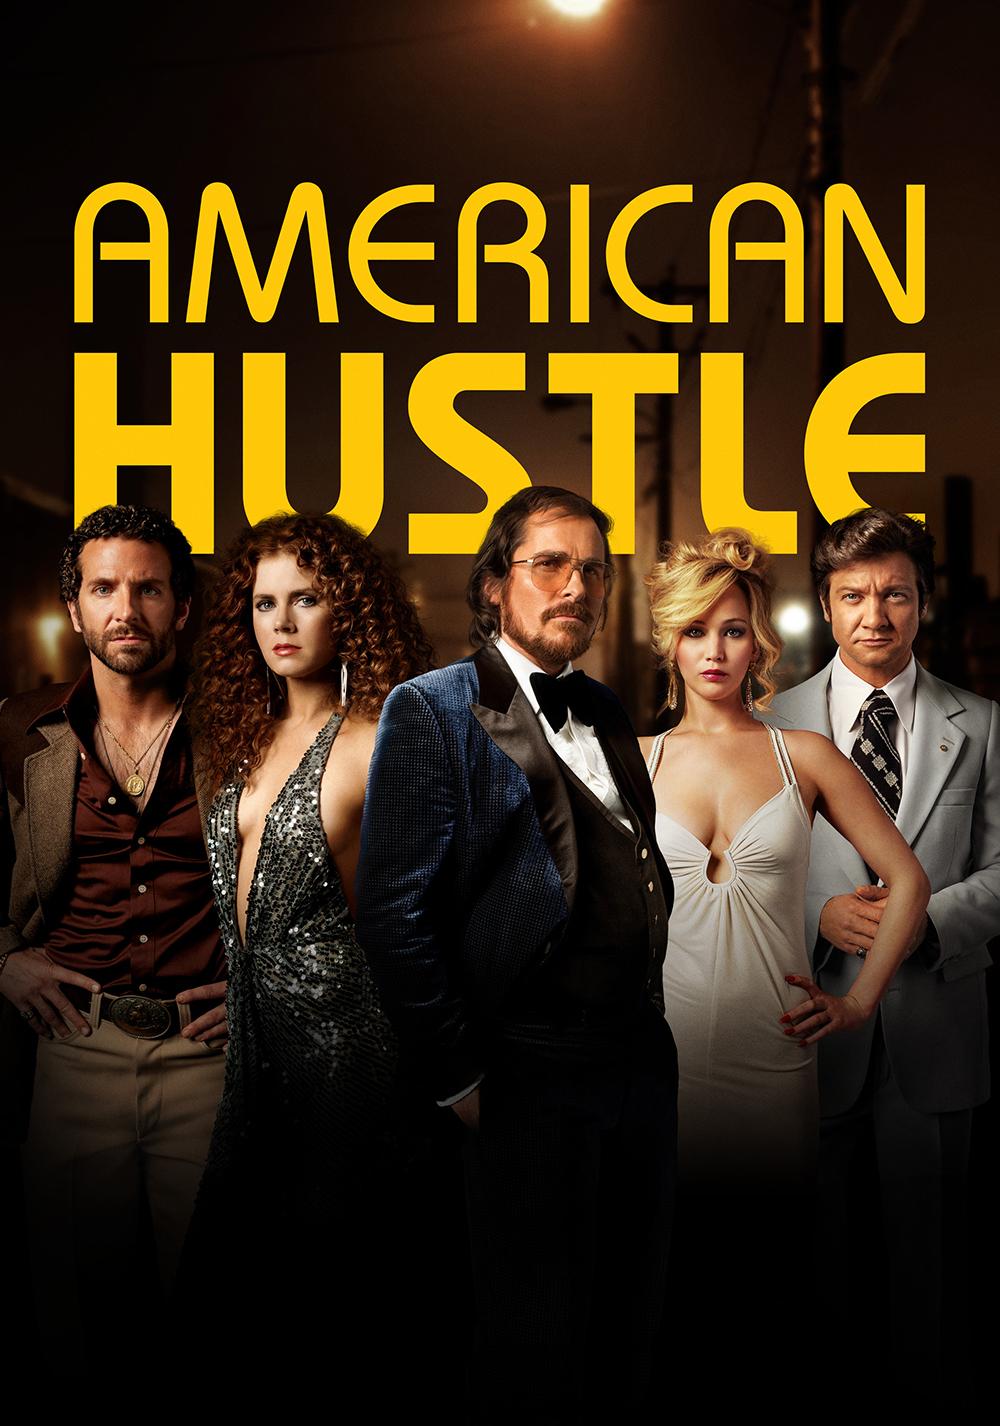 http://fanart.tv/fanart/movies/168672/movieposter/american-hustle-52a1a907181ee.jpg